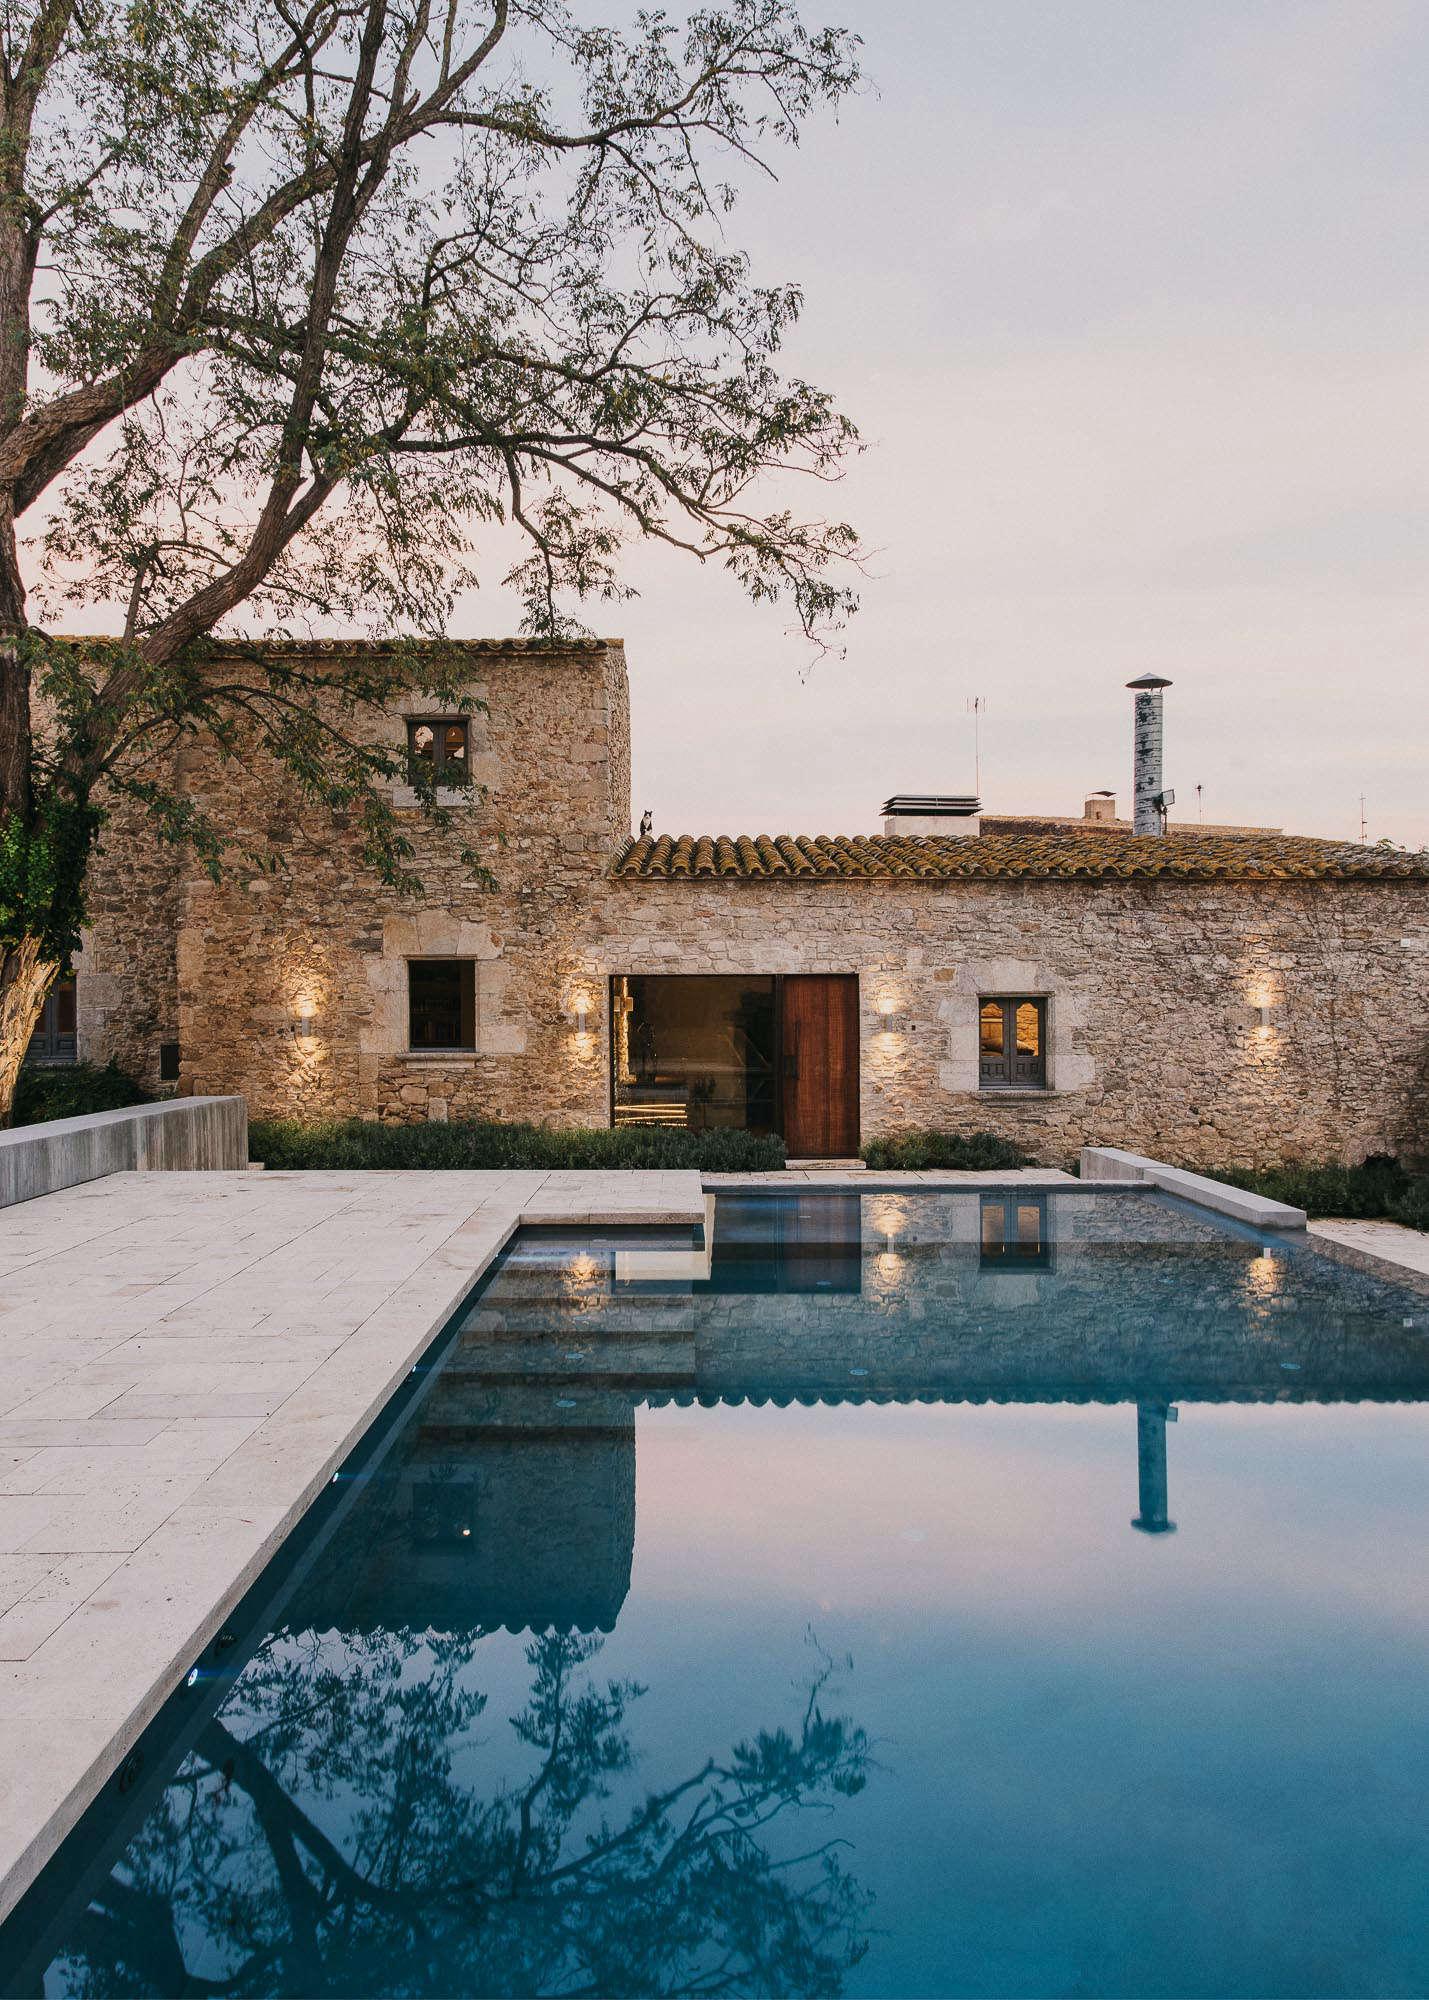 Castell-de-peratallada-pool-gardenista-12